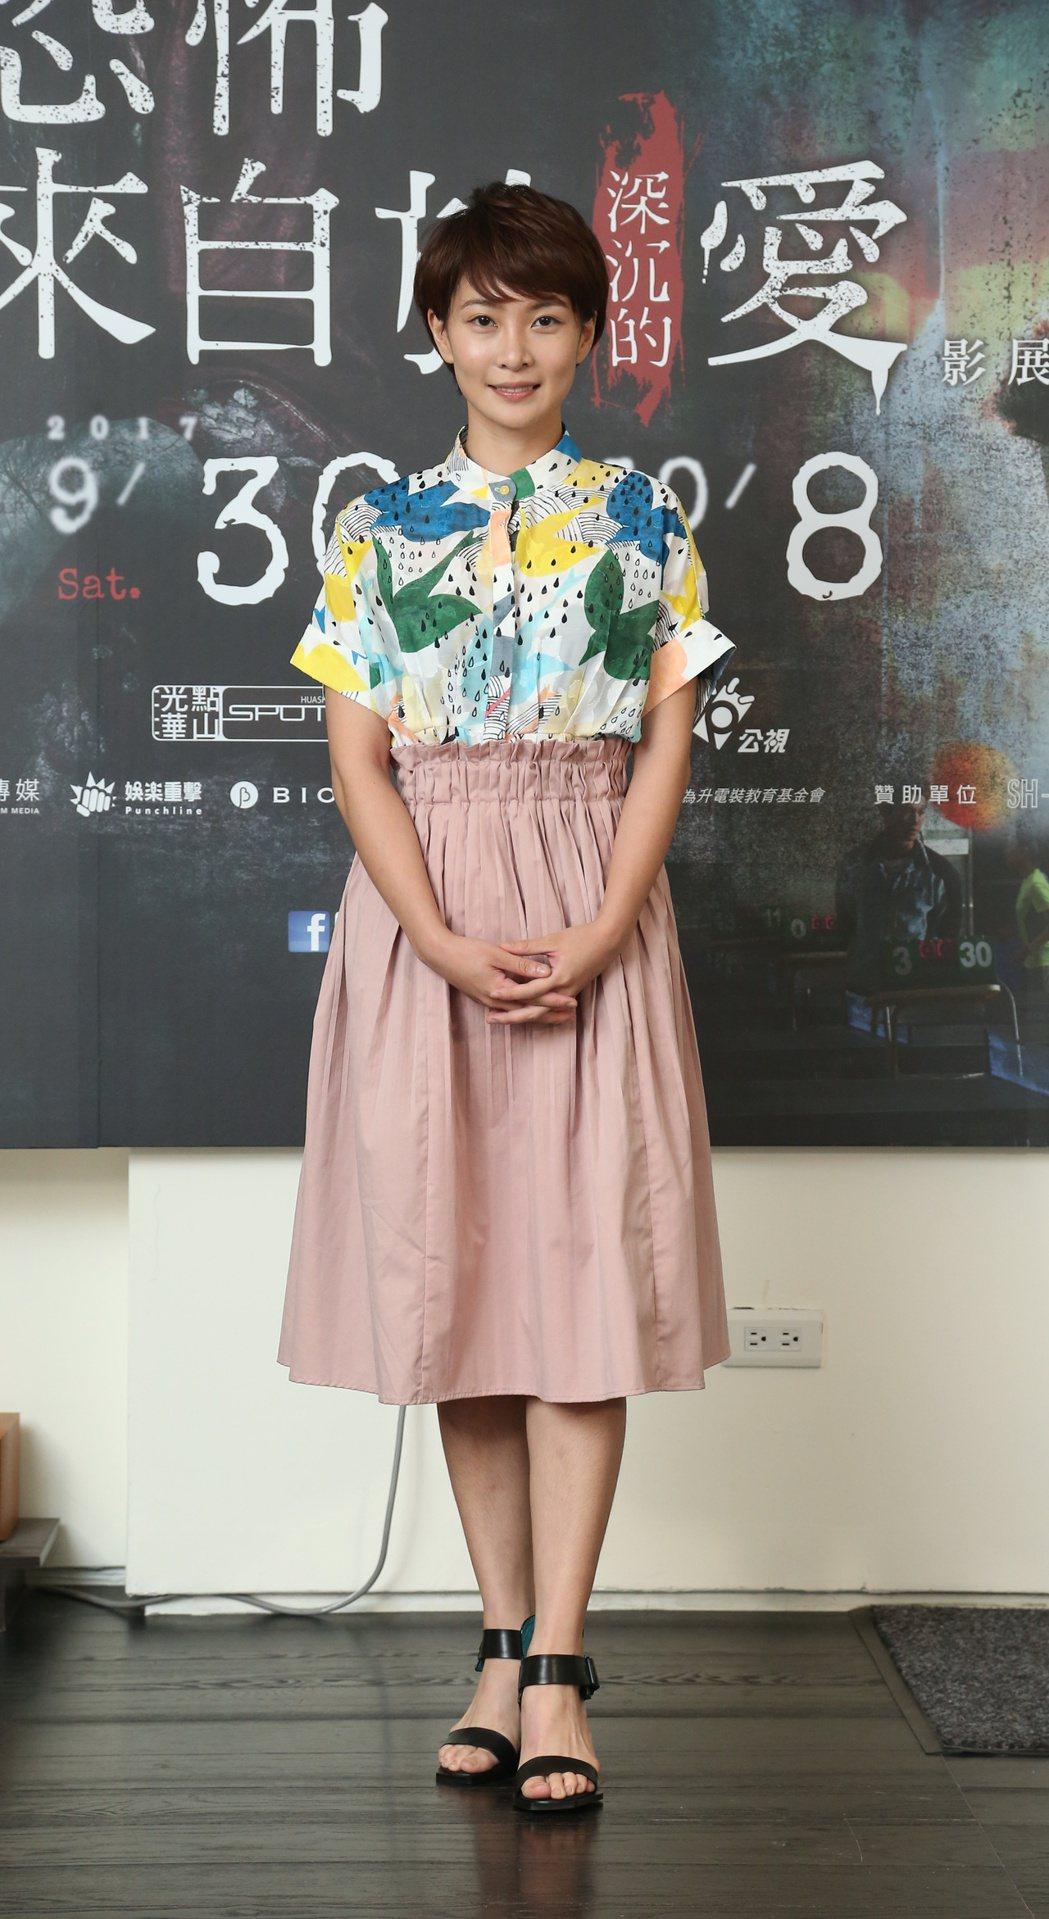 李亦捷最近演出恐怖電影「林投記」,她自承超怕鬼。記者陳立凱/攝影